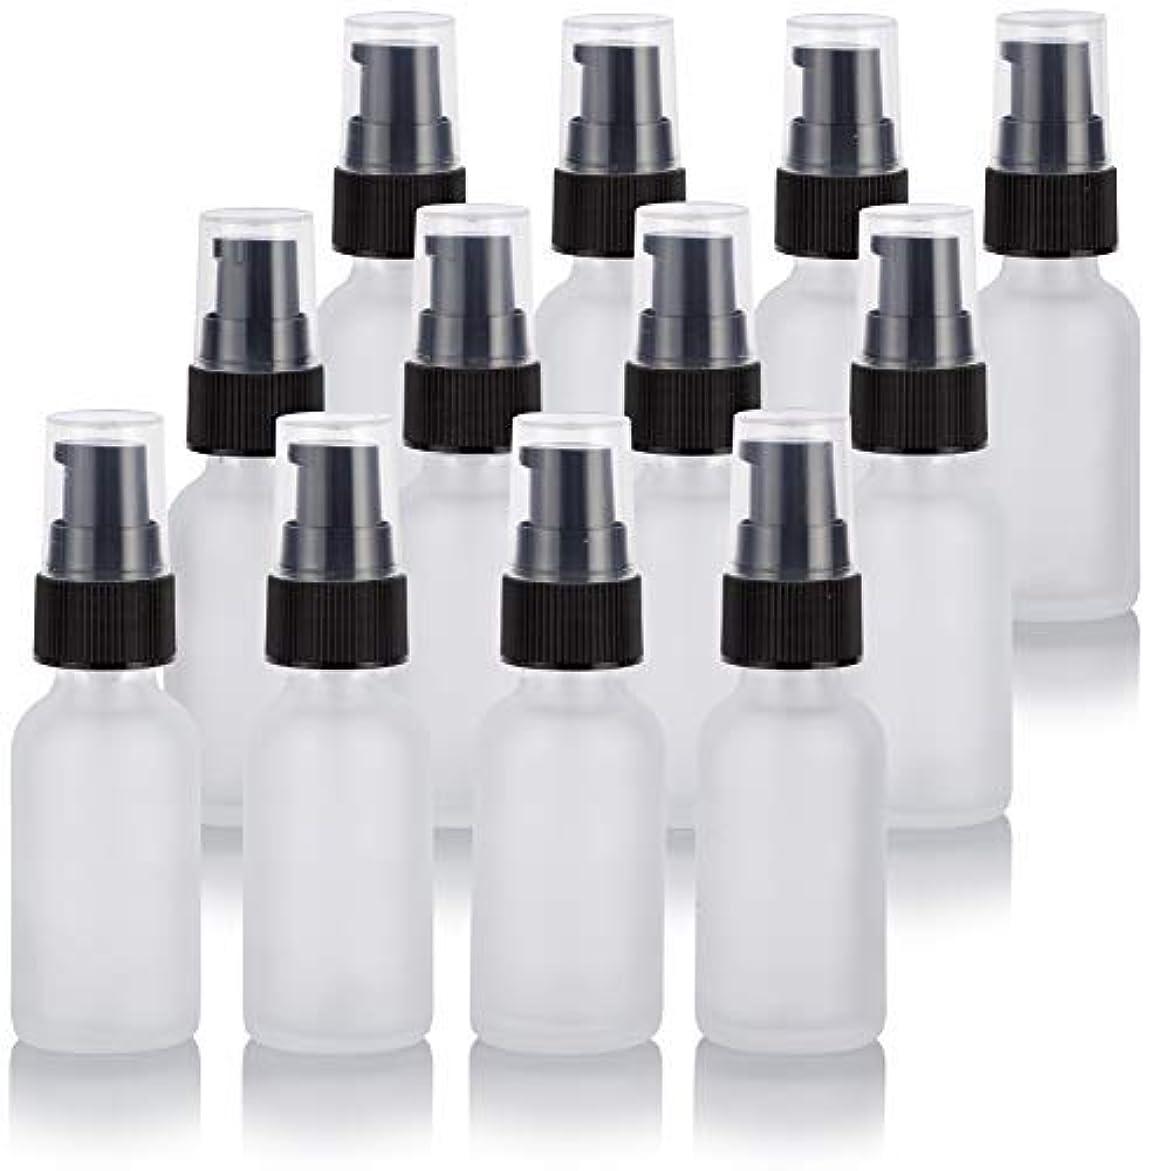 装備する本会議トラブル1 oz Frosted Clear Glass Boston Round Treatment Pump Bottle (12 Pack) + Funnel for Cosmetics, serums, Essential...